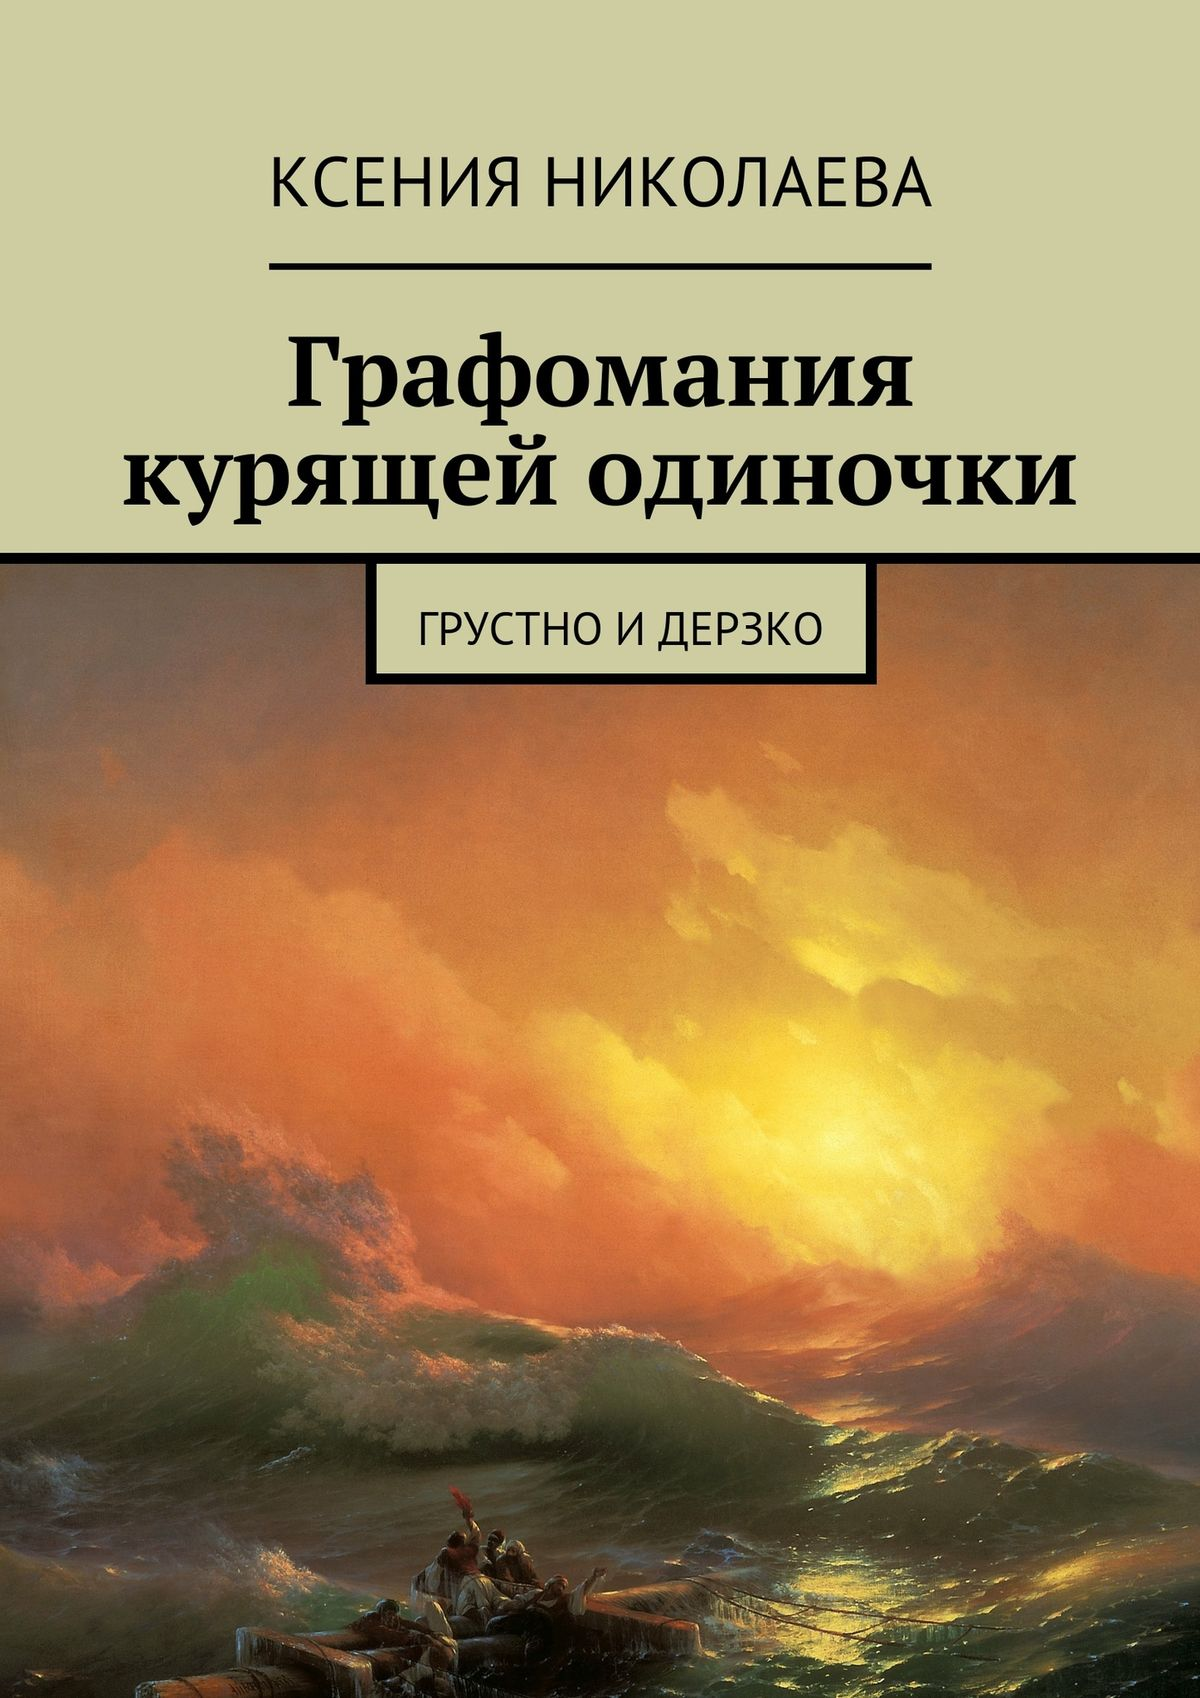 Ксения Валериевна Николаева Графомания курящей одиночки. Грустно идерзко